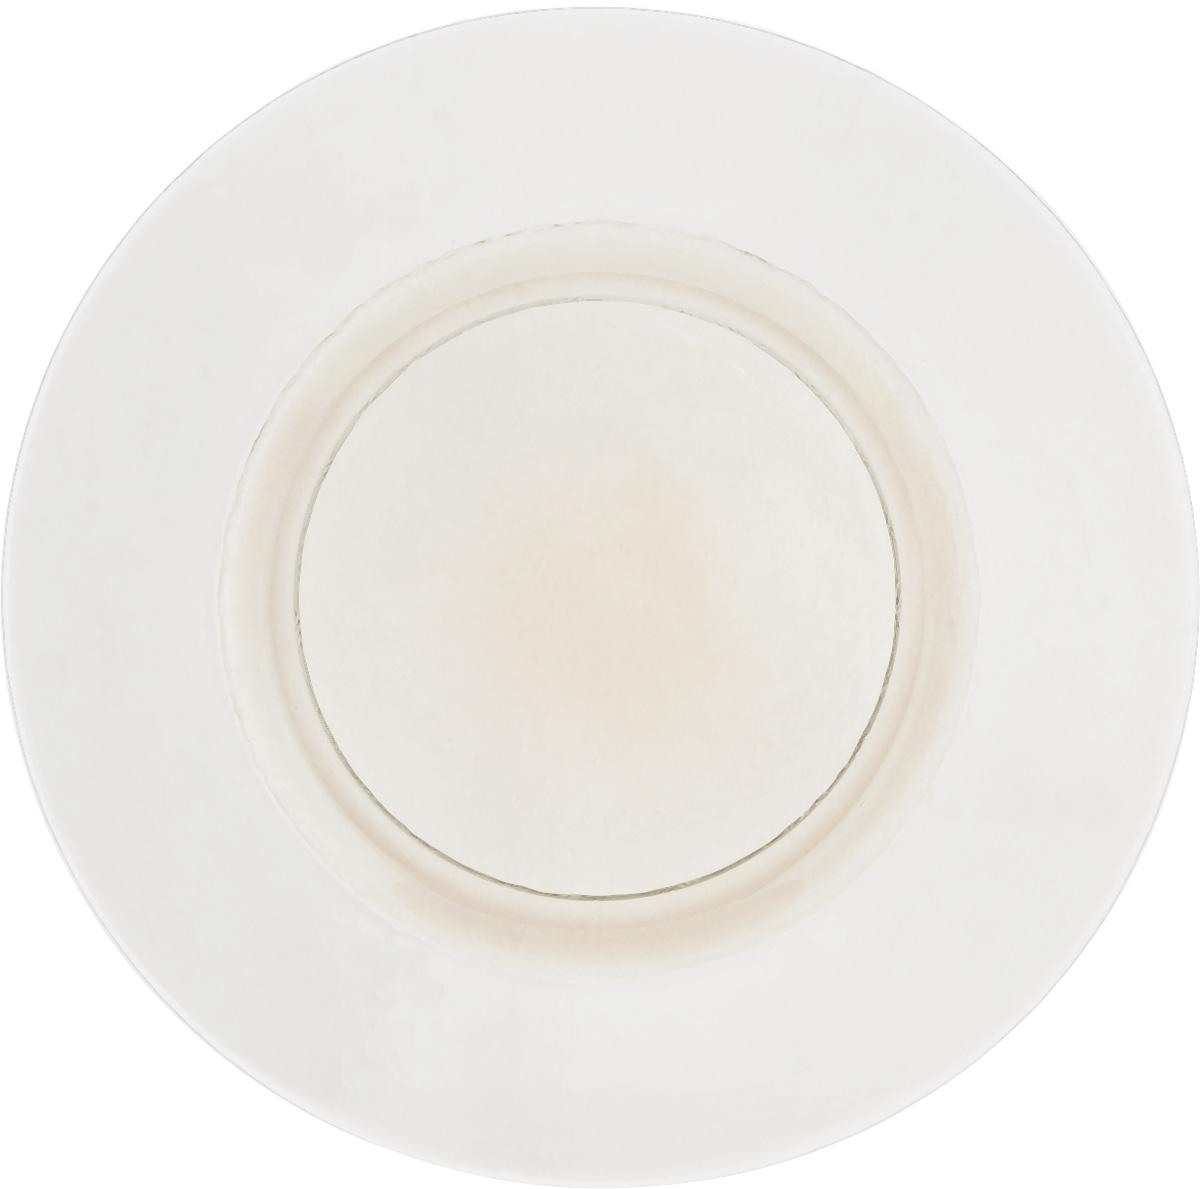 Тарелка NiNaGlass Богемия, цвет: прозрачный, диаметр 32,5 см54 009312Тарелка NiNaGlass Богемия выполнена из высококачественного стекла. Она прекрасно впишется в интерьер вашей кухни и станет достойным дополнением к кухонному инвентарю.Не рекомендуется использовать в микроволновой печи и мыть в посудомоечной машине.